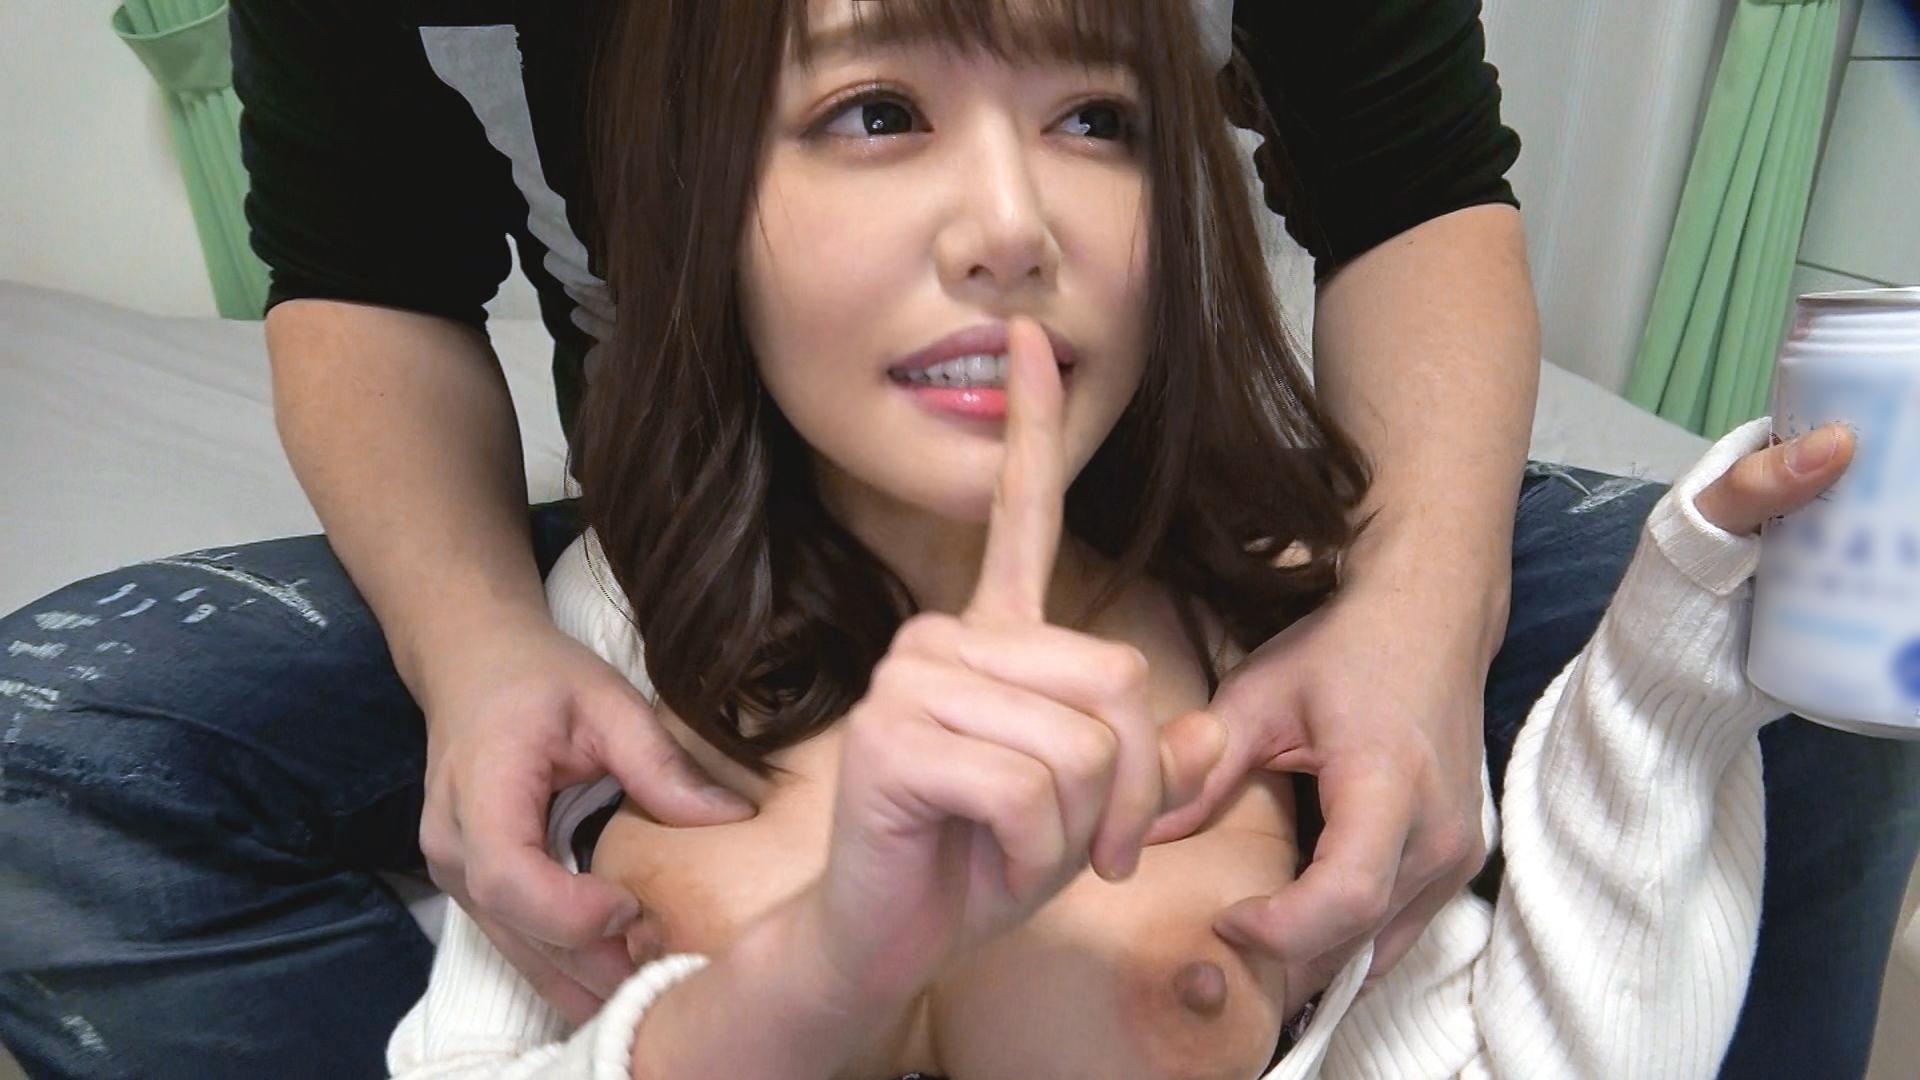 「MGS独占セール10/18まで!!」ハメ撮りに挑戦したS級素人娘さんの映像。・4枚目